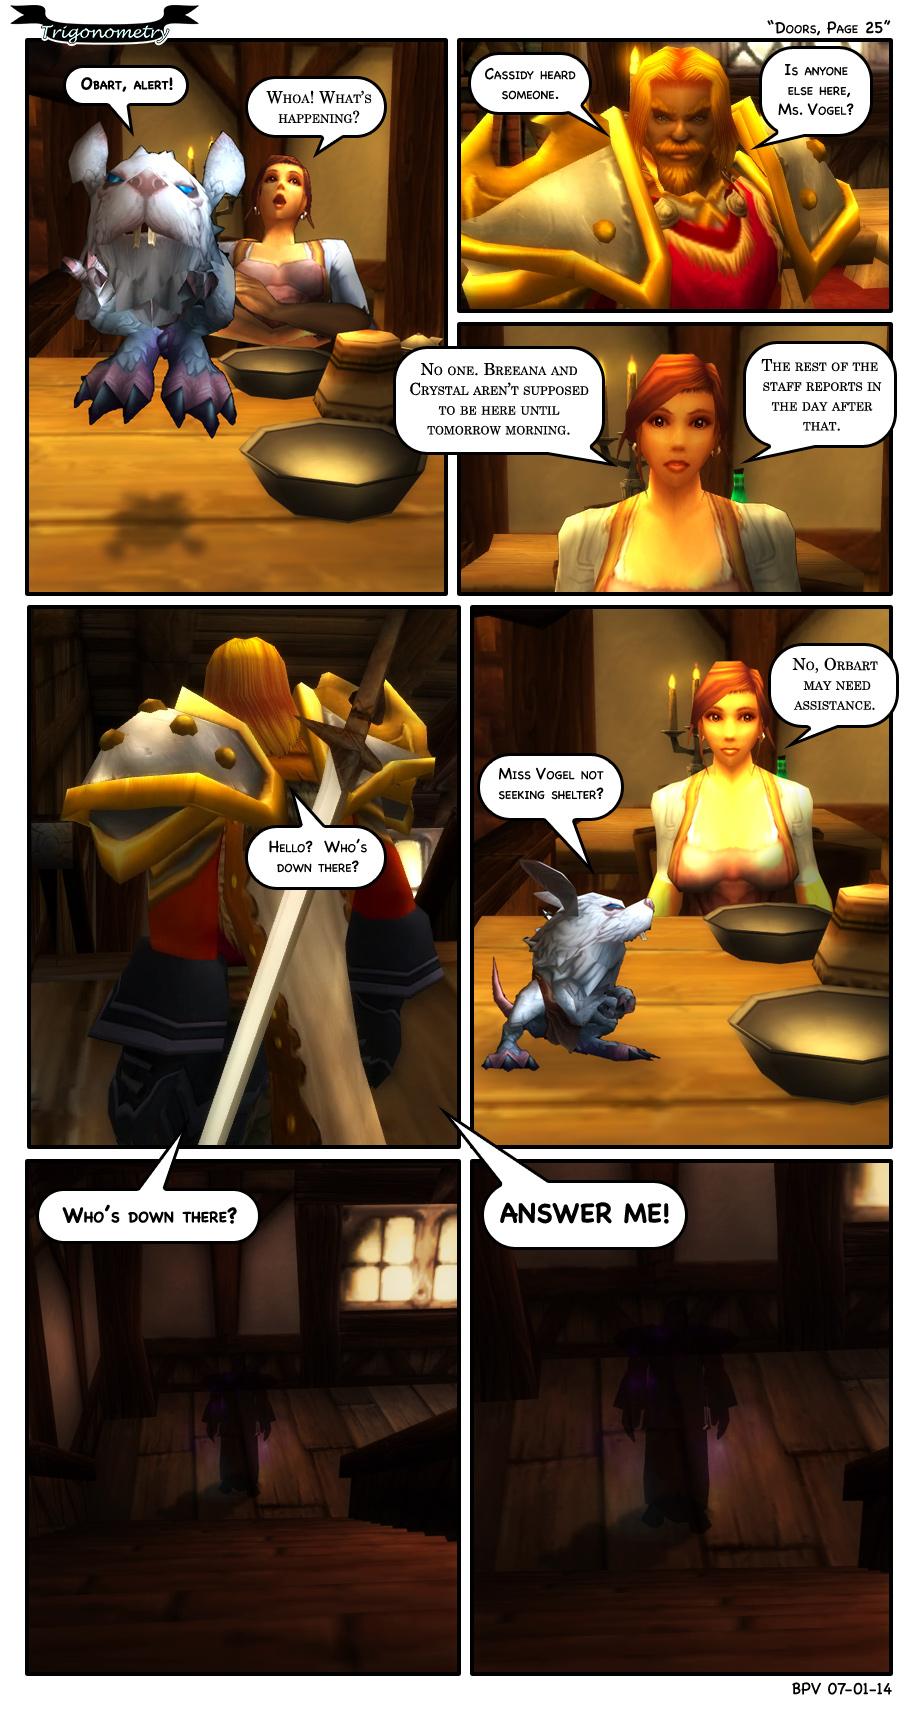 Doors, Page 25